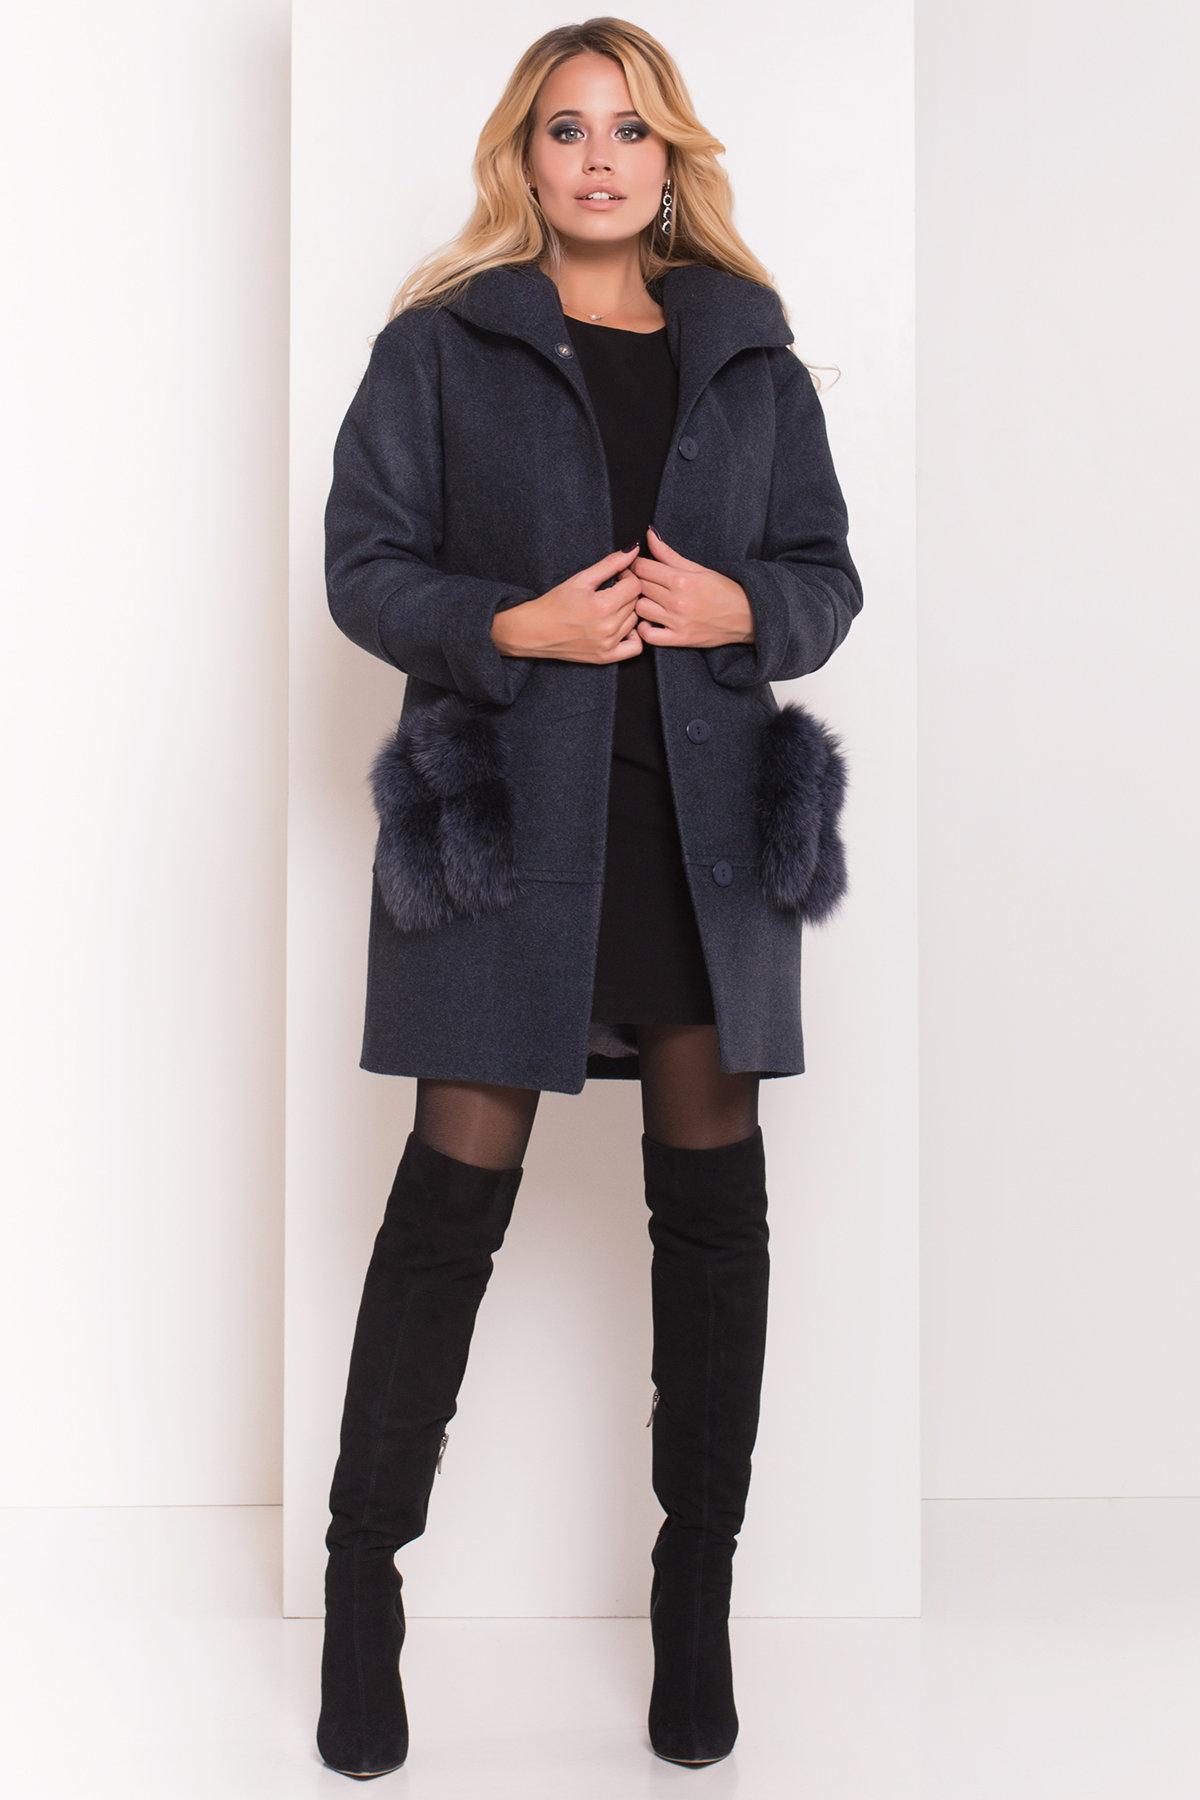 Пальто зима Анита 5752 АРТ. 38091 Цвет: Синий/Зеленый 72 - фото 3, интернет магазин tm-modus.ru